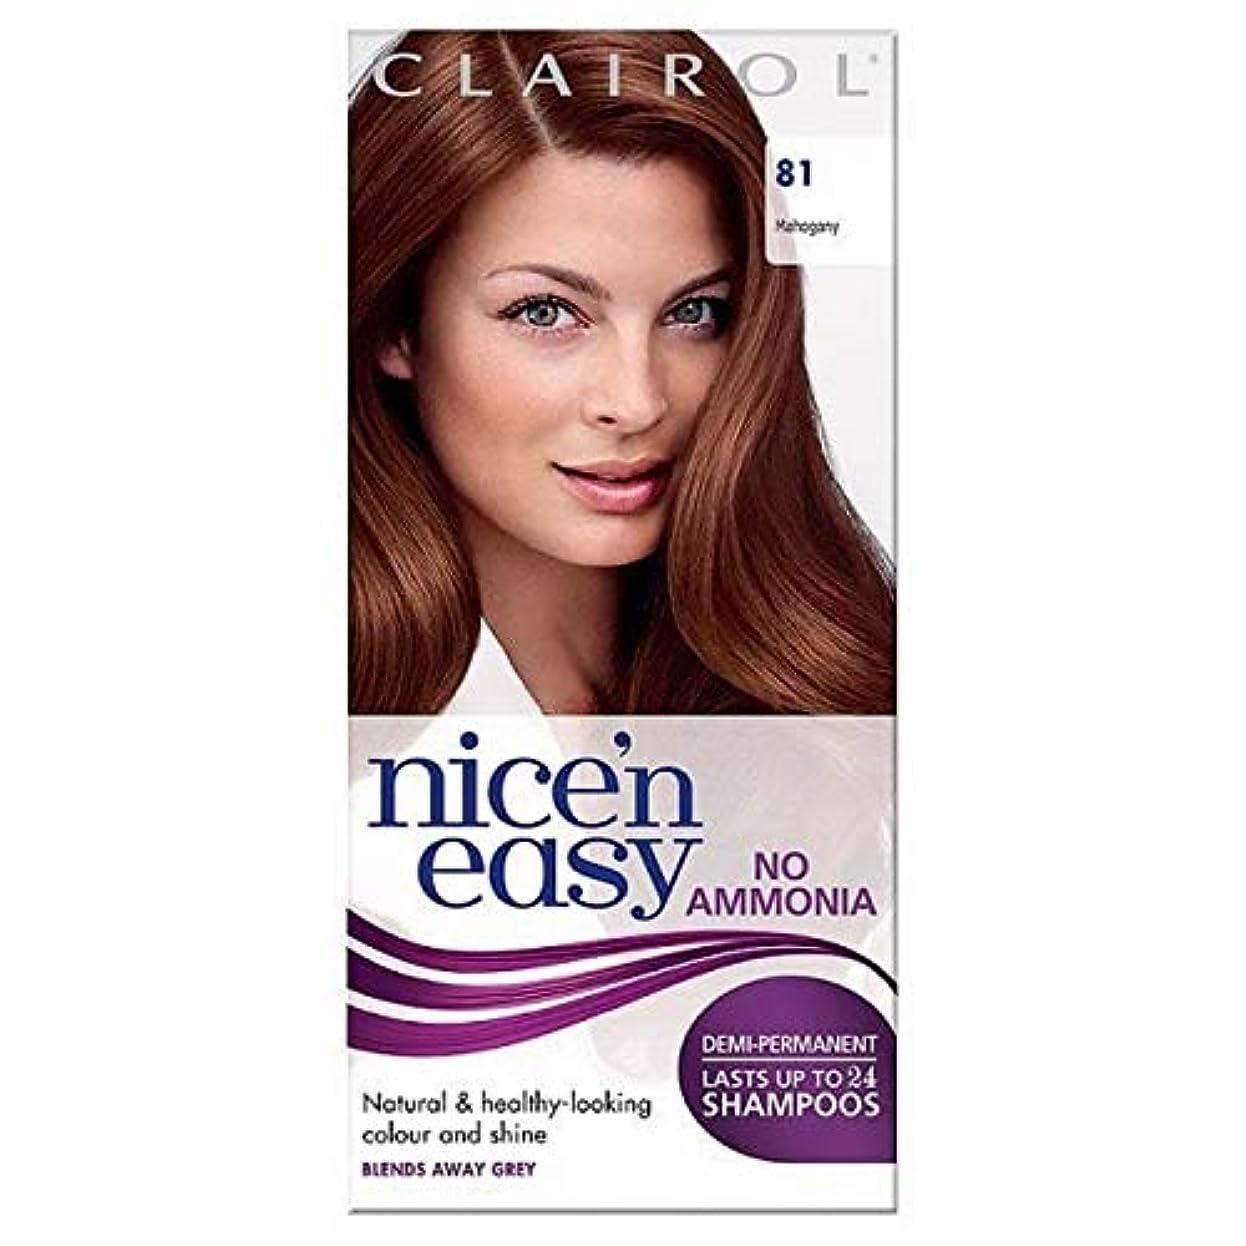 交換可能ブラウズ非互換[Nice'n Easy] Nice'N簡単に何のアンモニアの染毛剤マホガニーません81 - Nice'n Easy No Ammonia Hair Dye Mahogany 81 [並行輸入品]